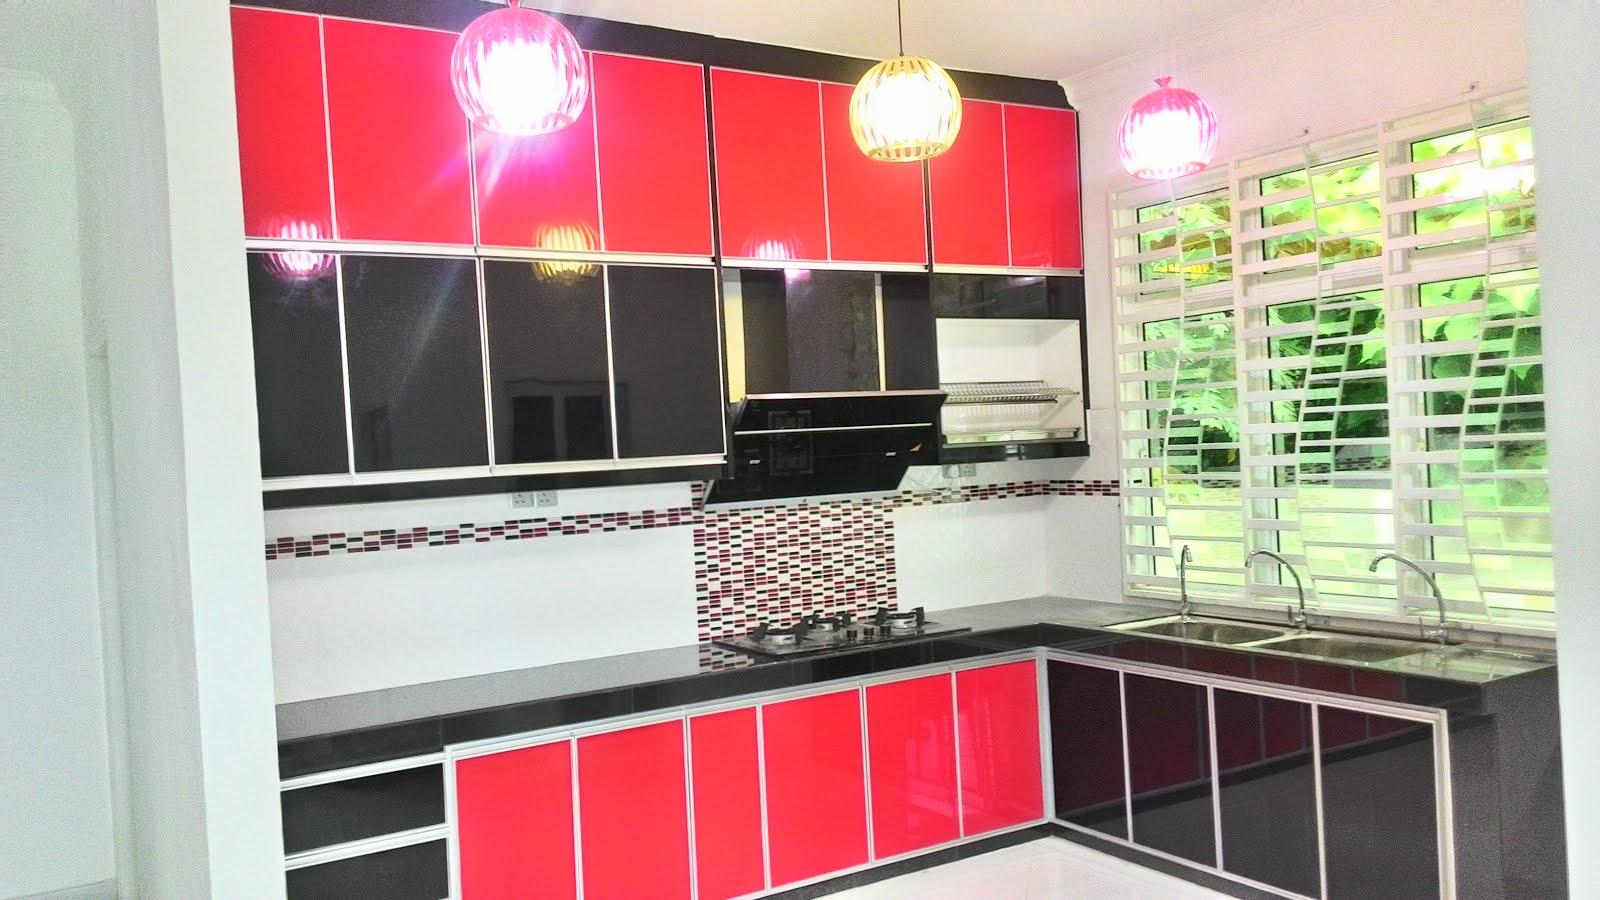 Kabinet Dapur Rumah Banglo Kelantan